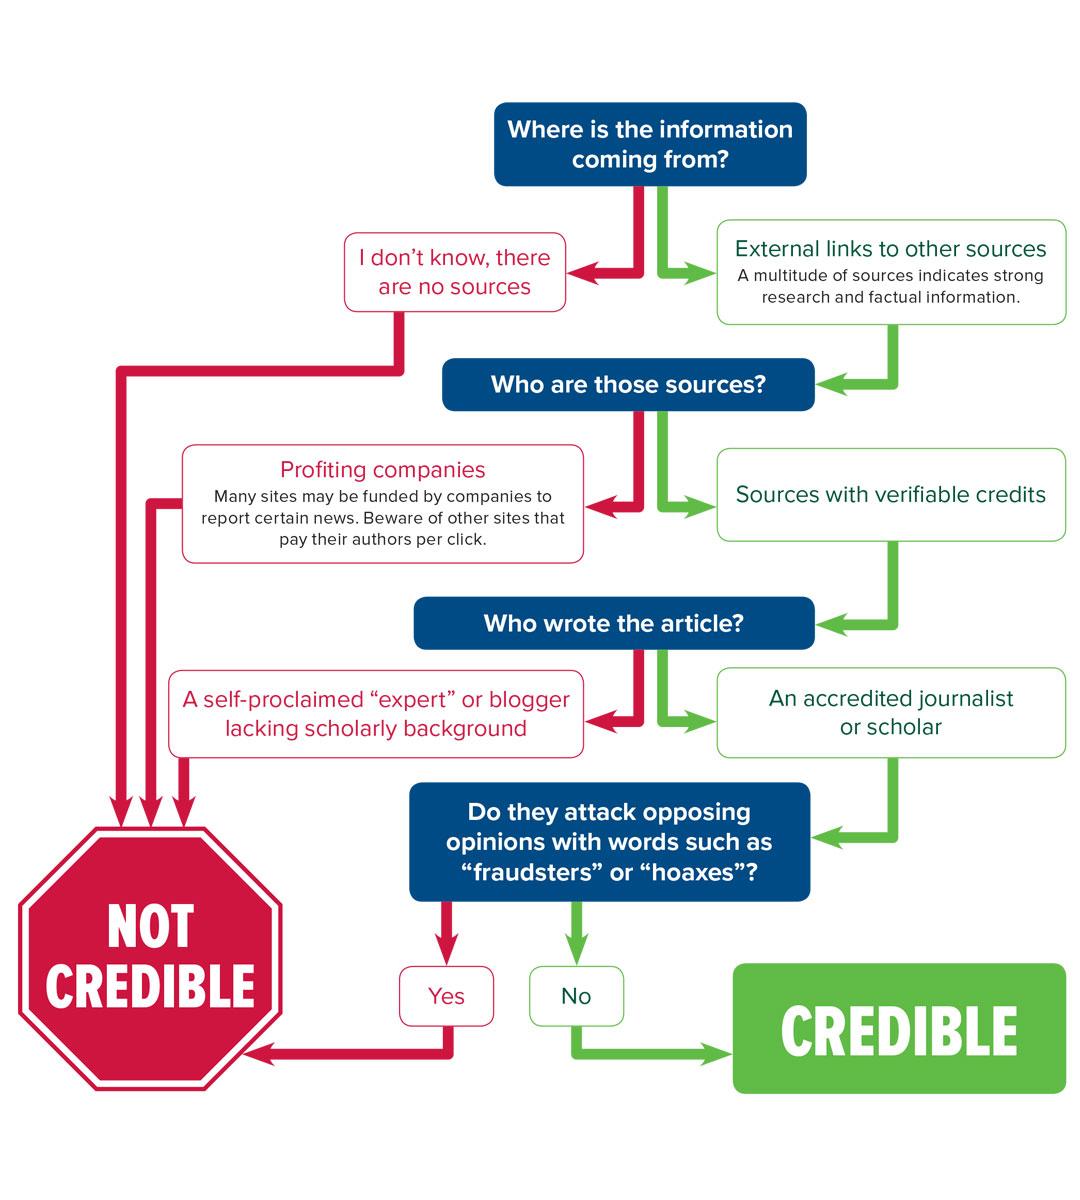 Credible news sites